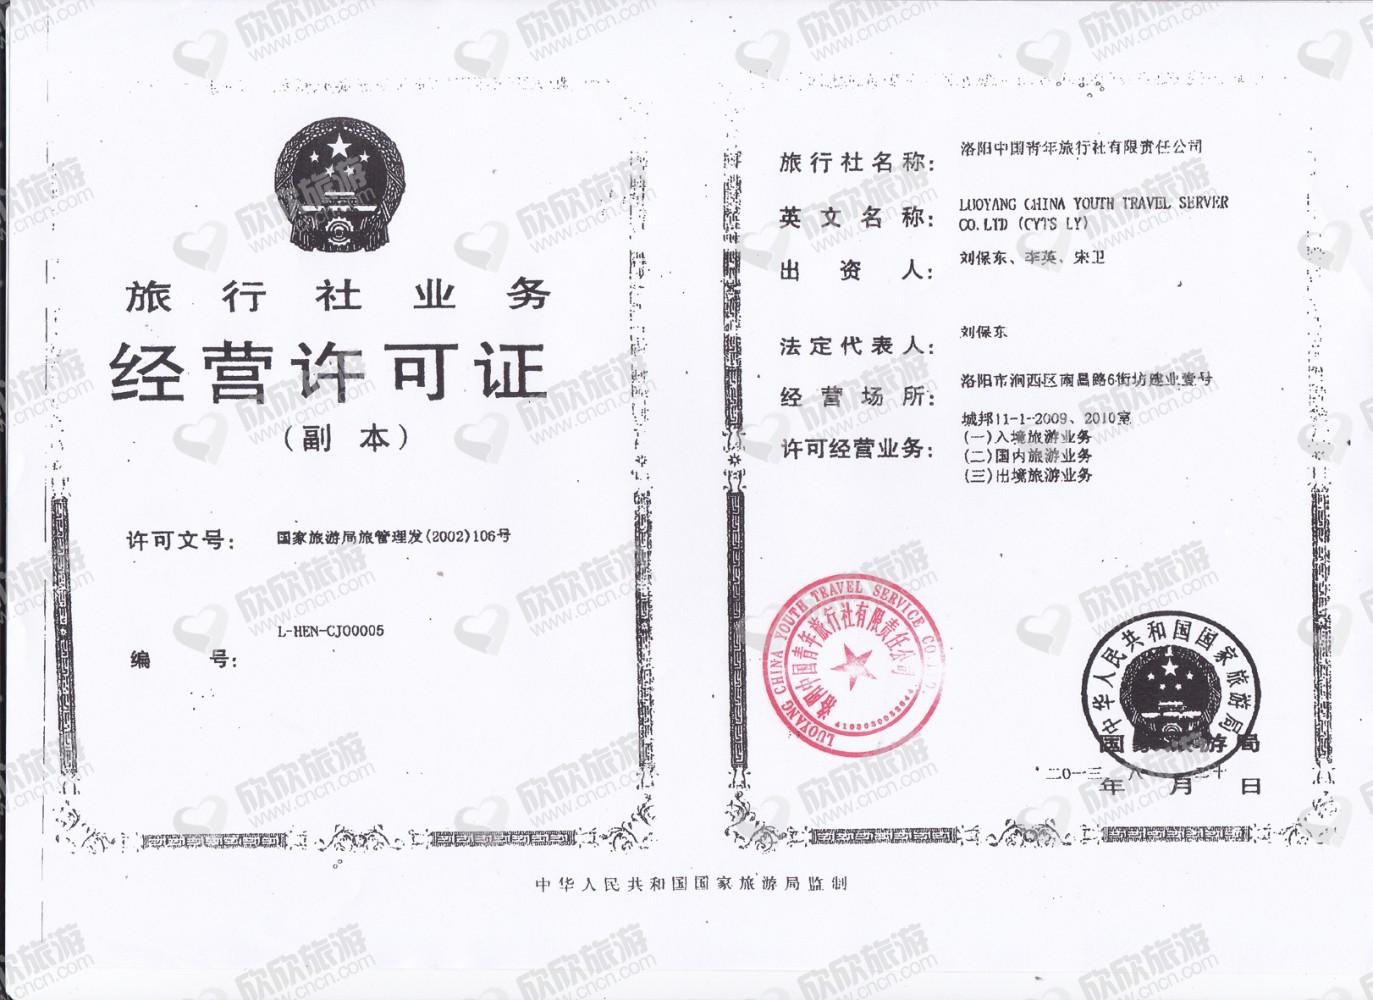 洛阳中国青年旅行社有限责任公司九都城门市部经营许可证